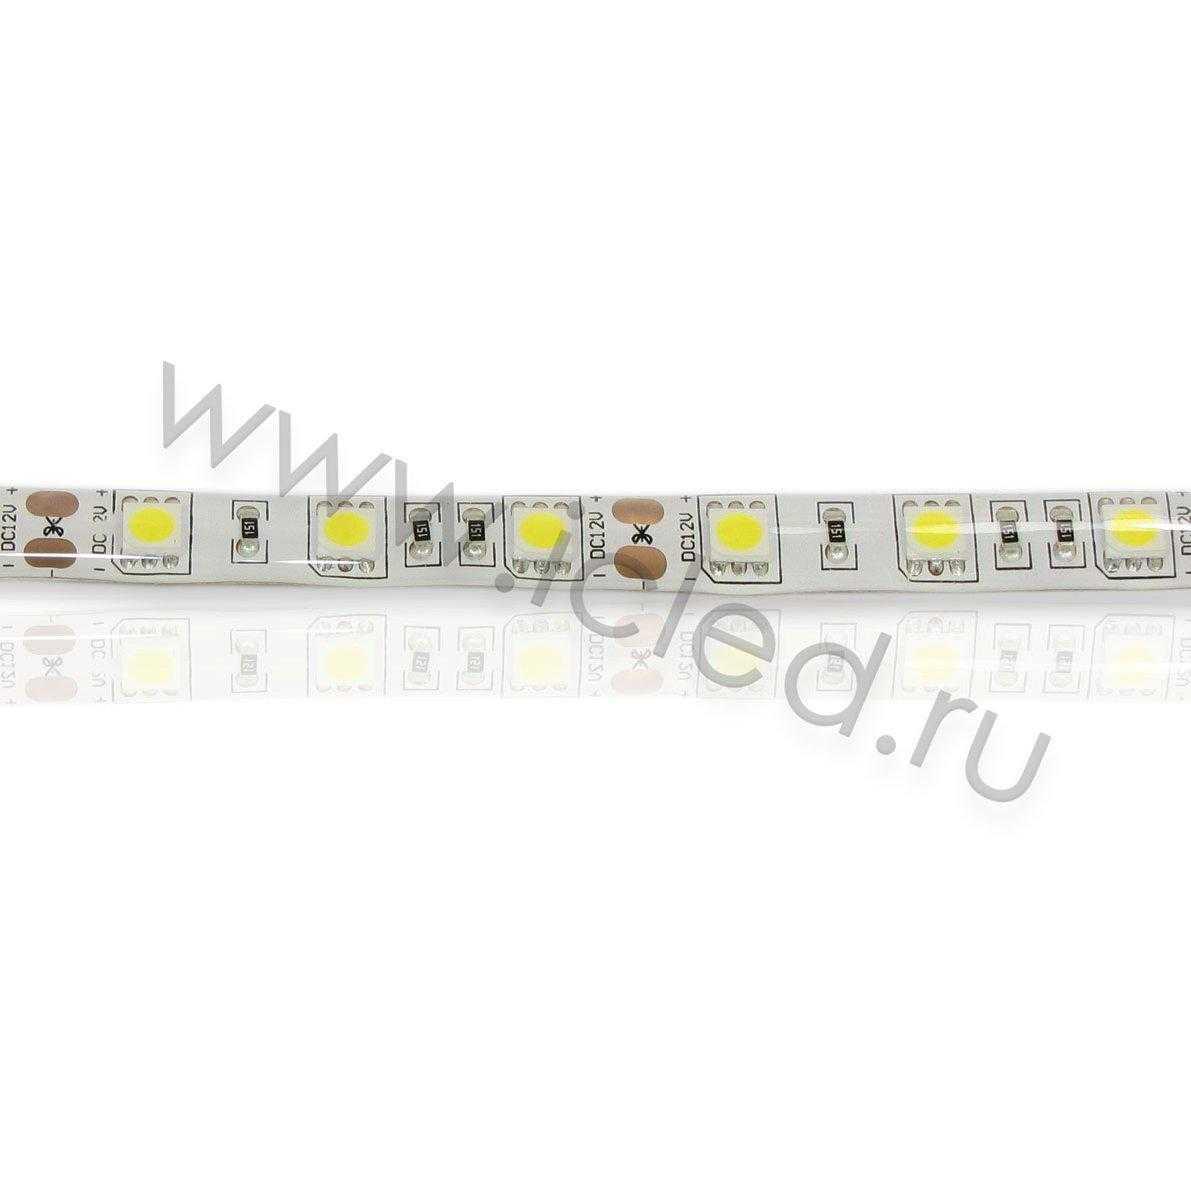 Светодиодная лента Class B, 5050, 60led/m, Warm White, 12V, IP65